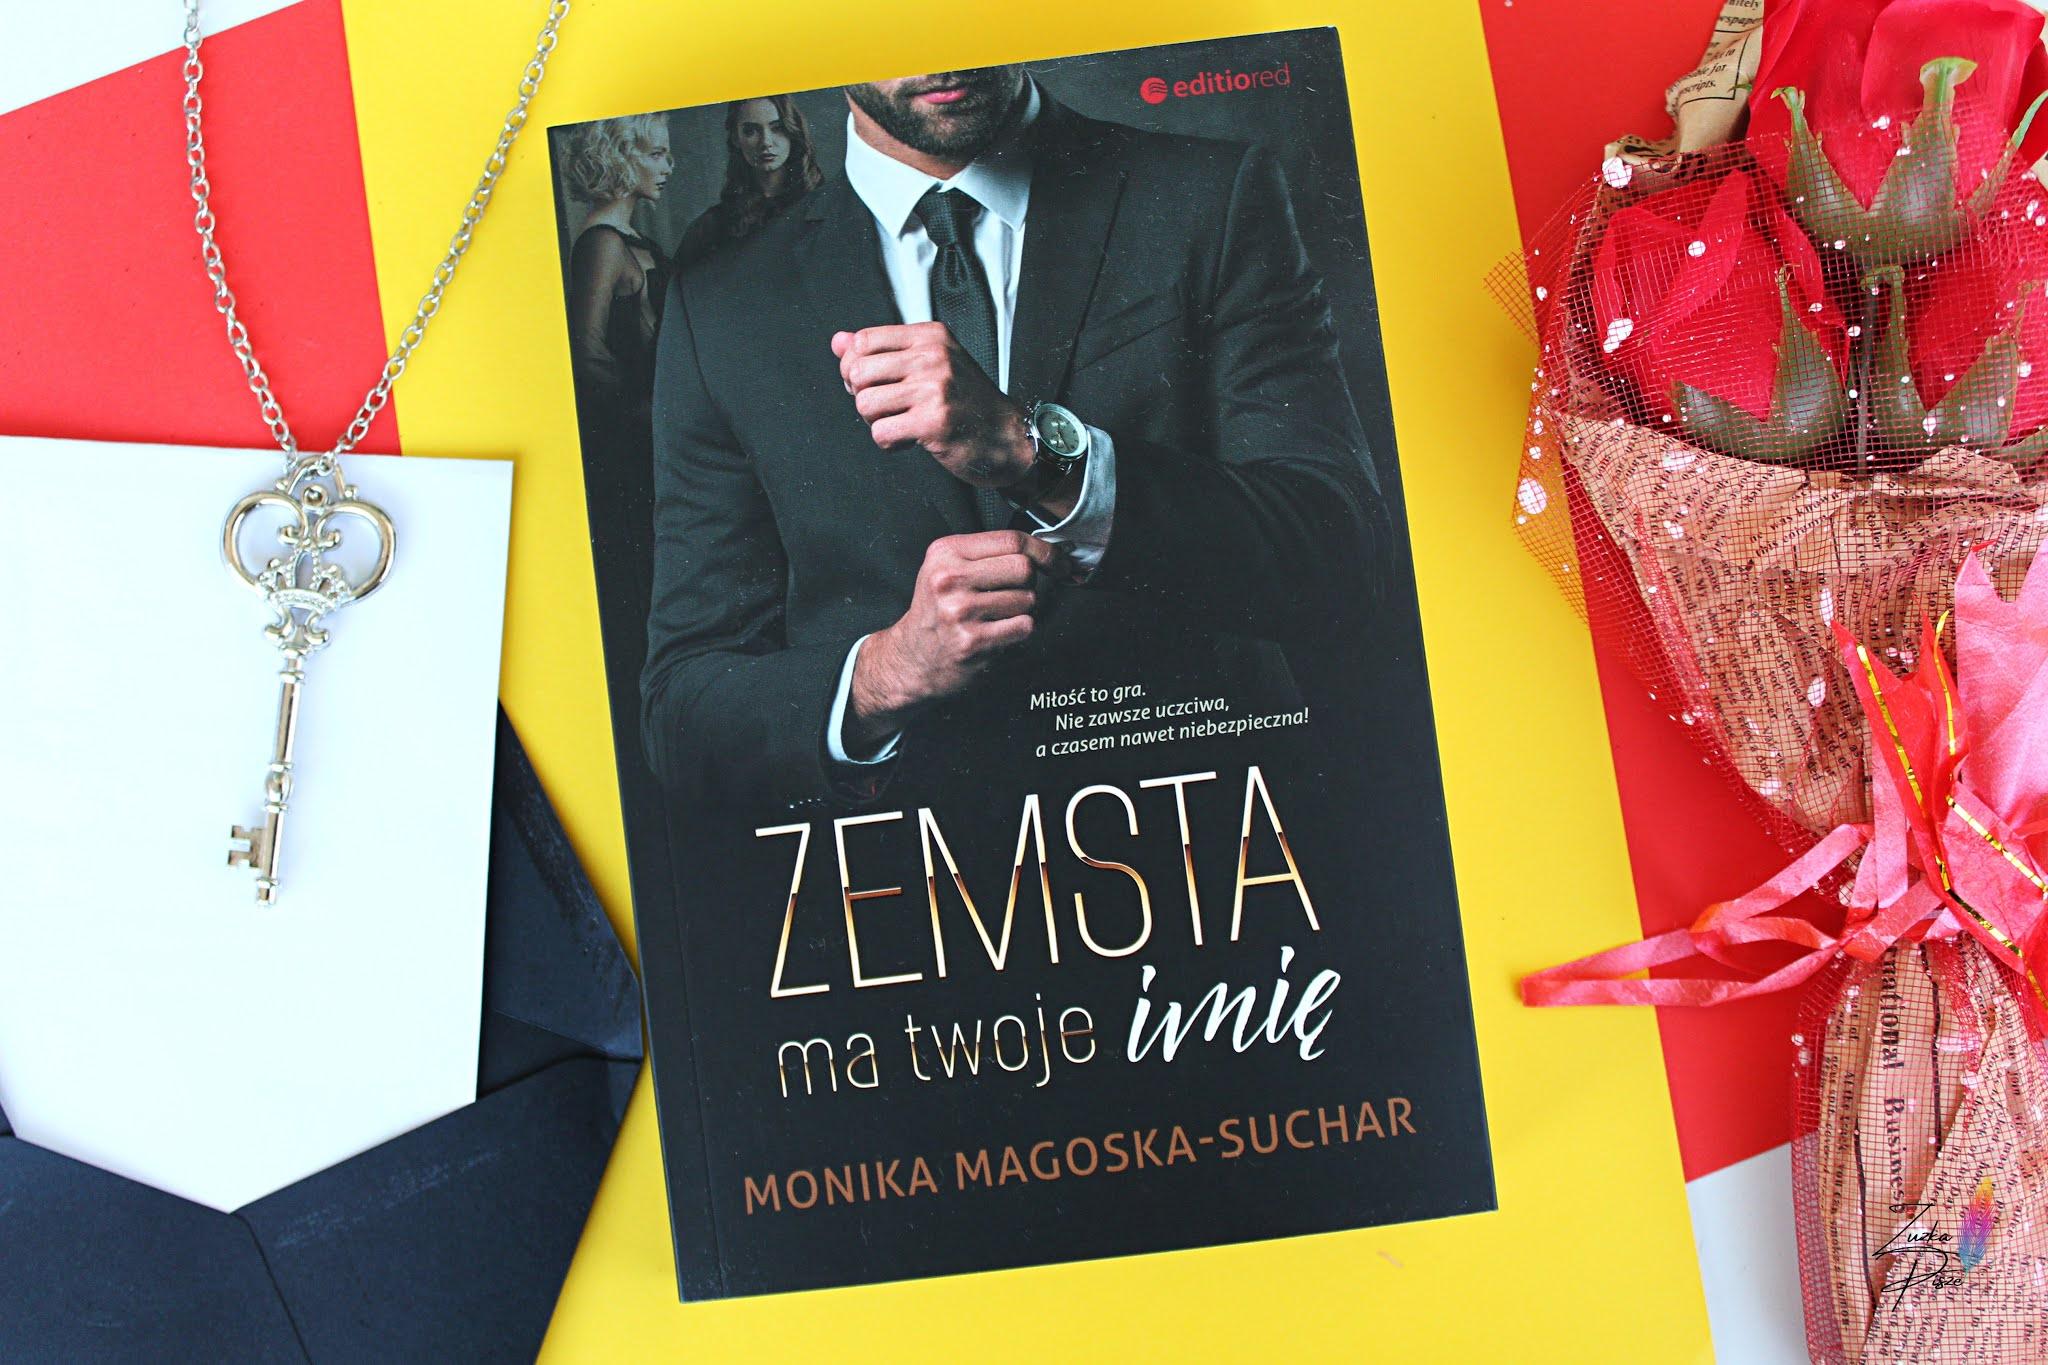 """Monika Magoska-Suchar """"Zemsta ma twoje imię"""" - recenzja książki"""